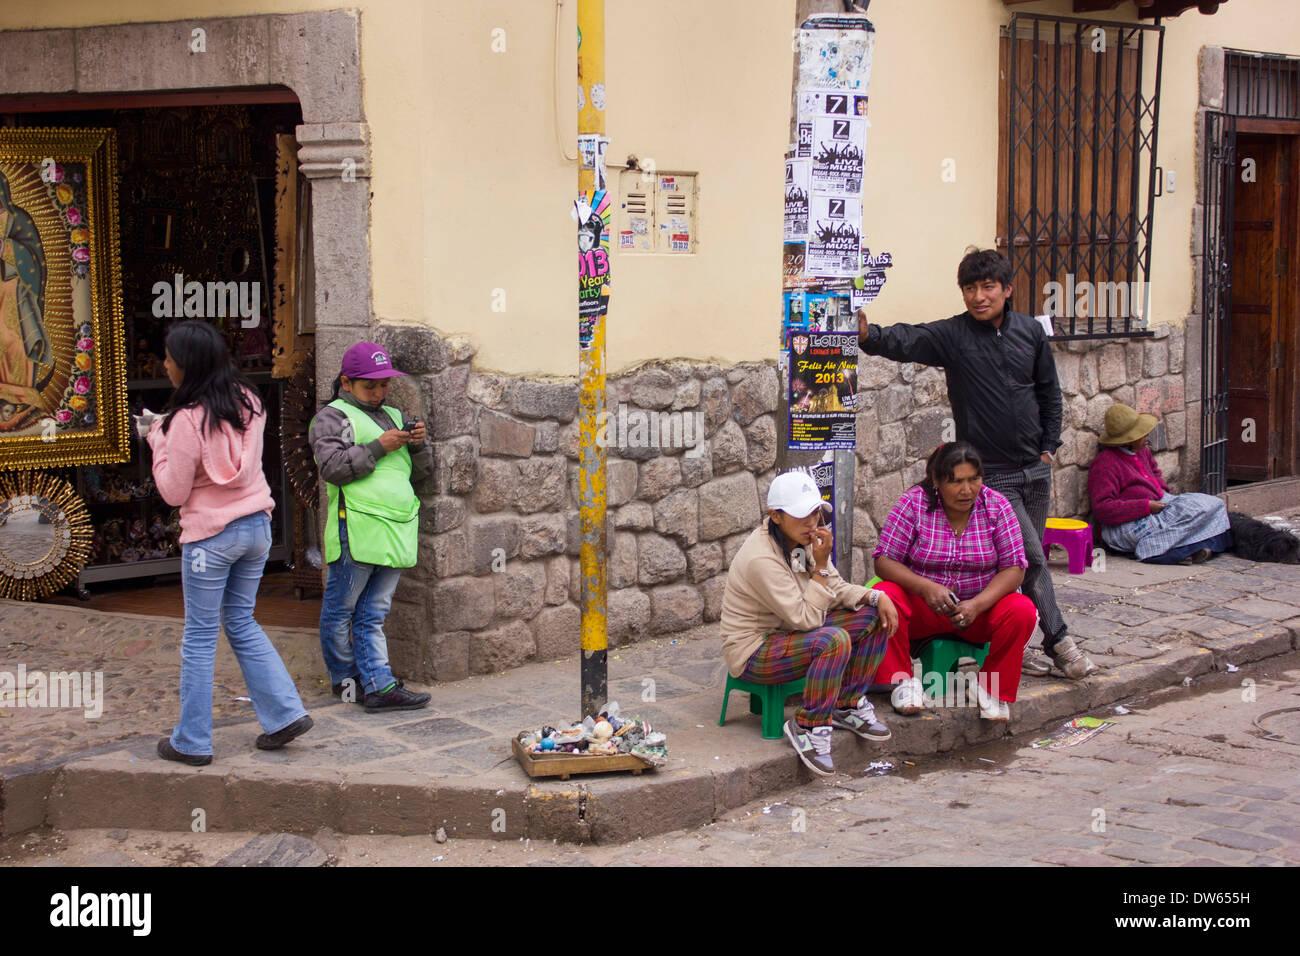 street vendors, Cuzco, Peru - Stock Image